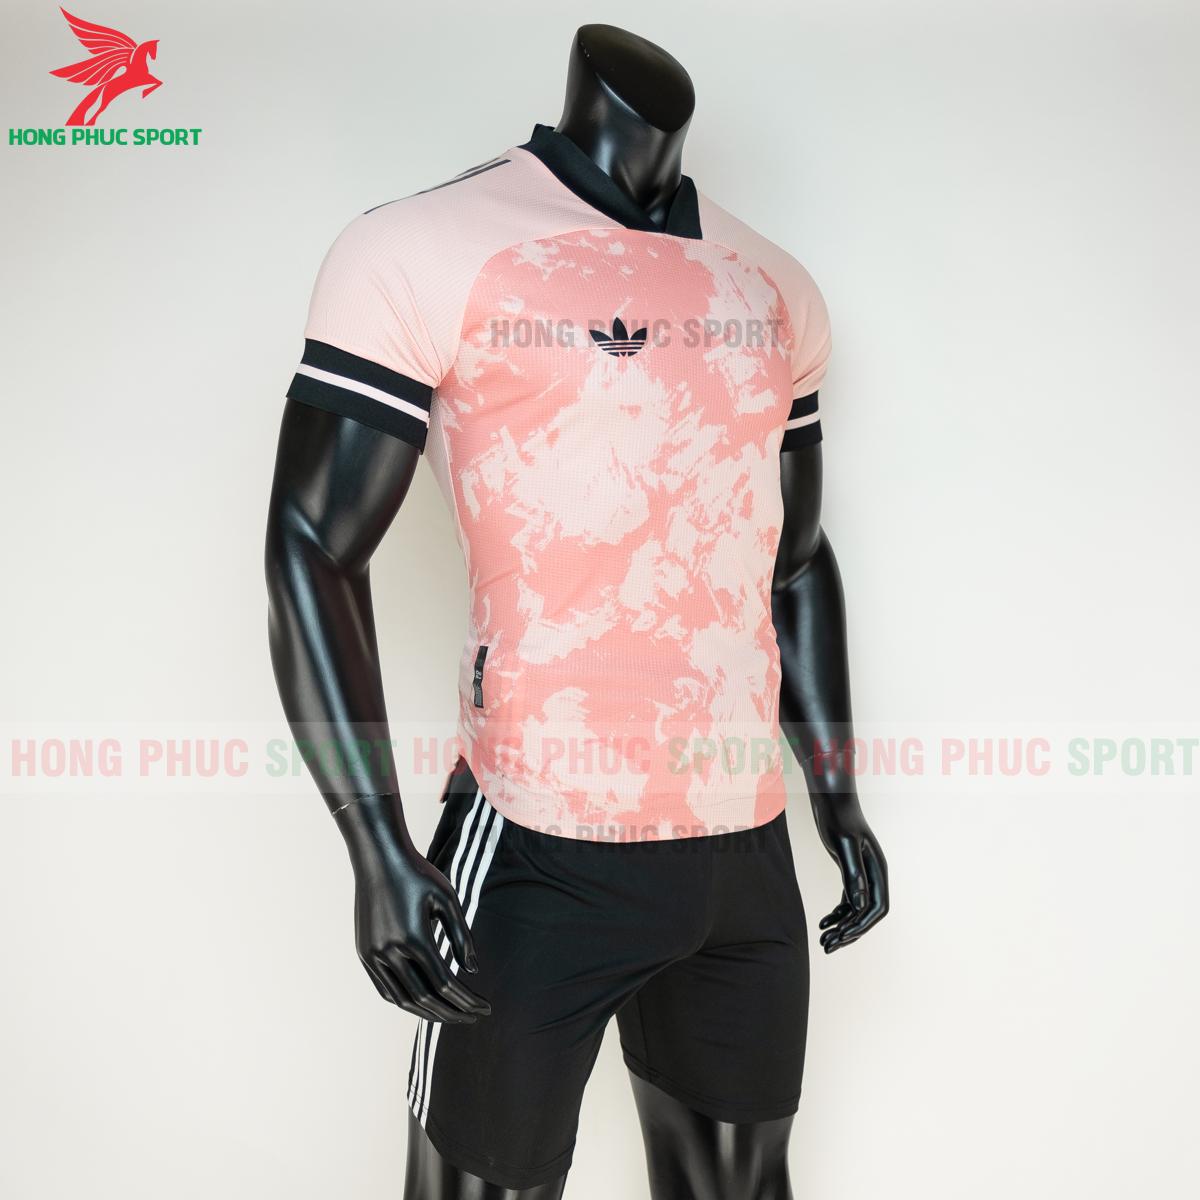 Áo đá banh không logo Condivo ba lá Adidas 2020 2021 mẫu 2 (phải)